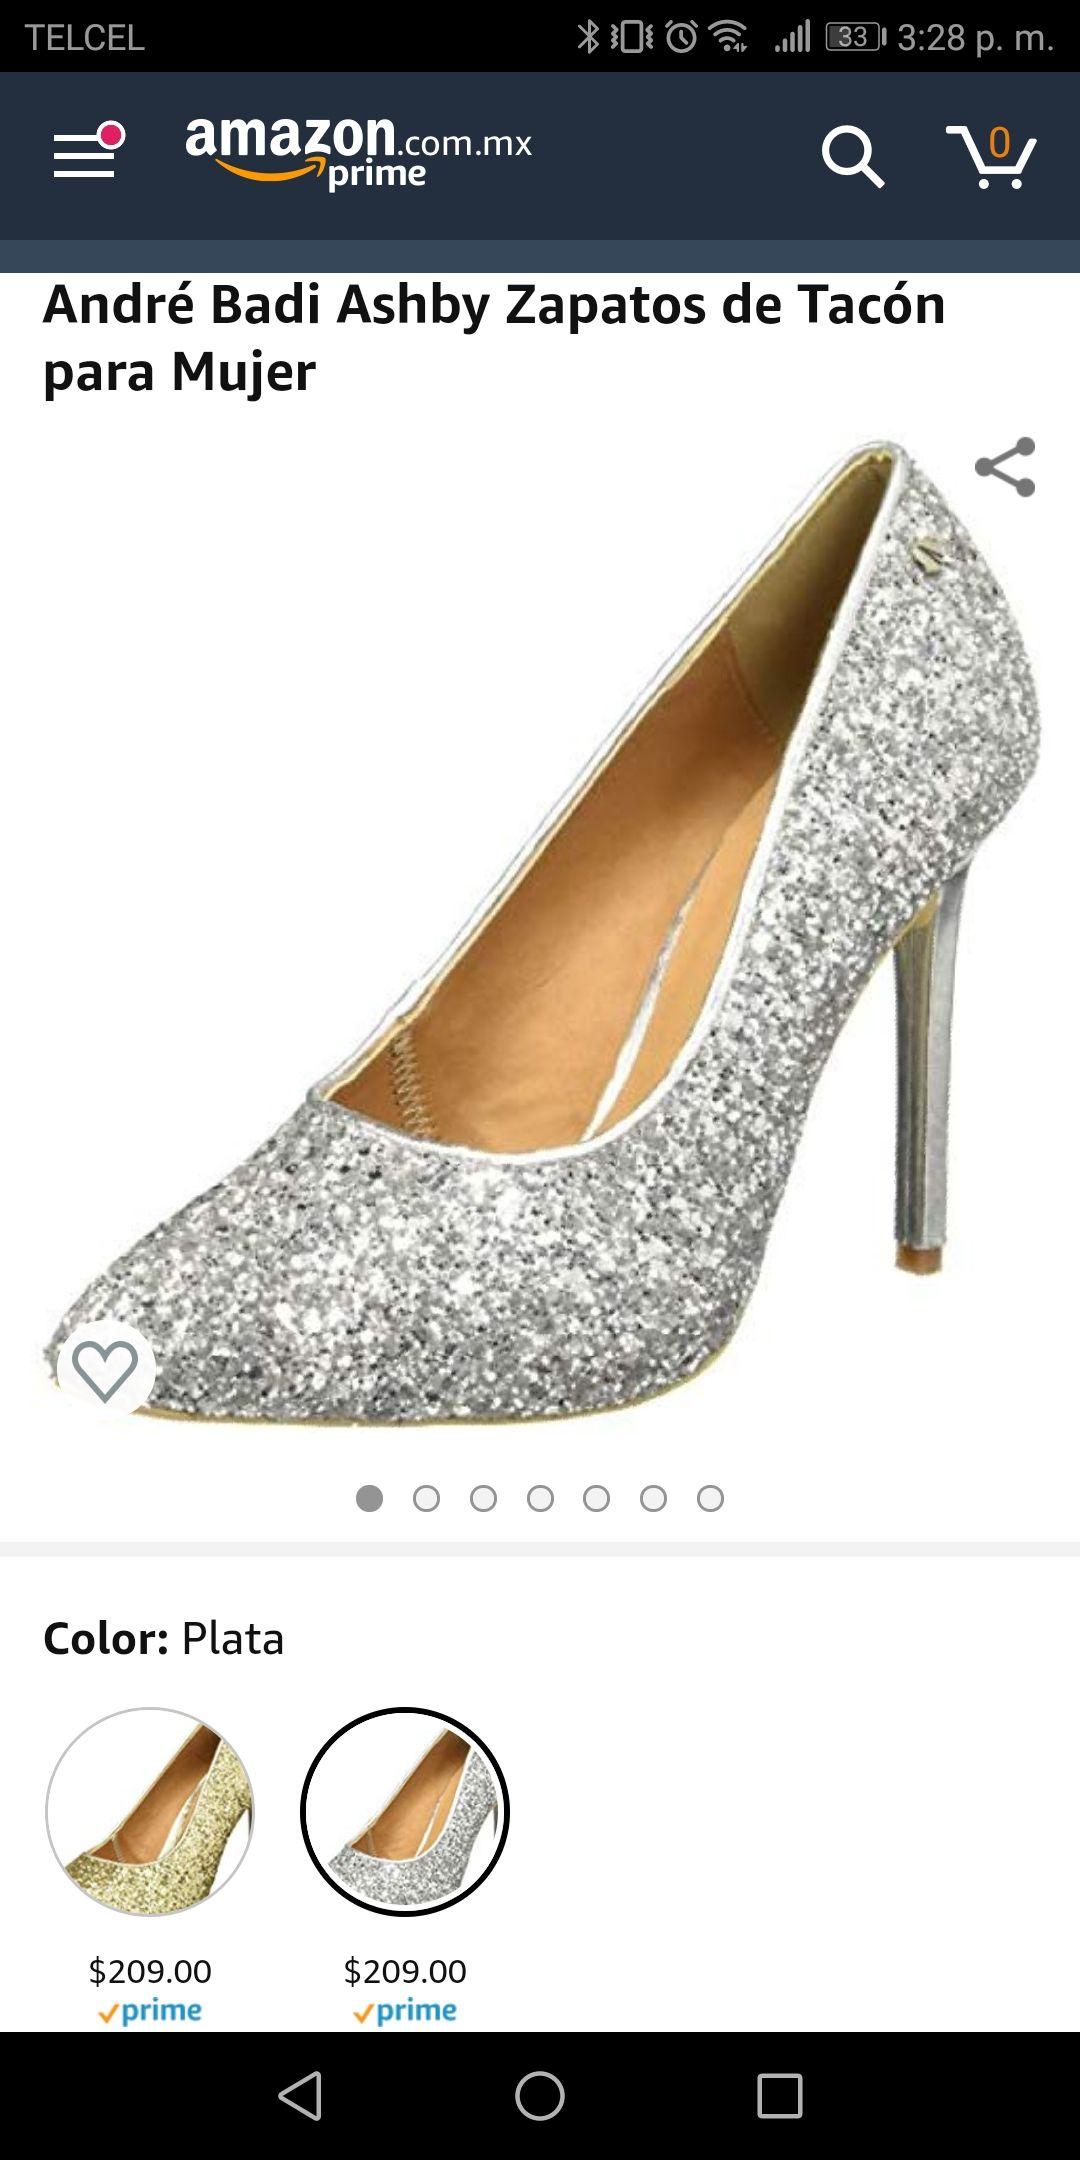 Amazon: André Badi Ashby Zapatos de Tacón para Mujer, Plata, talla 5